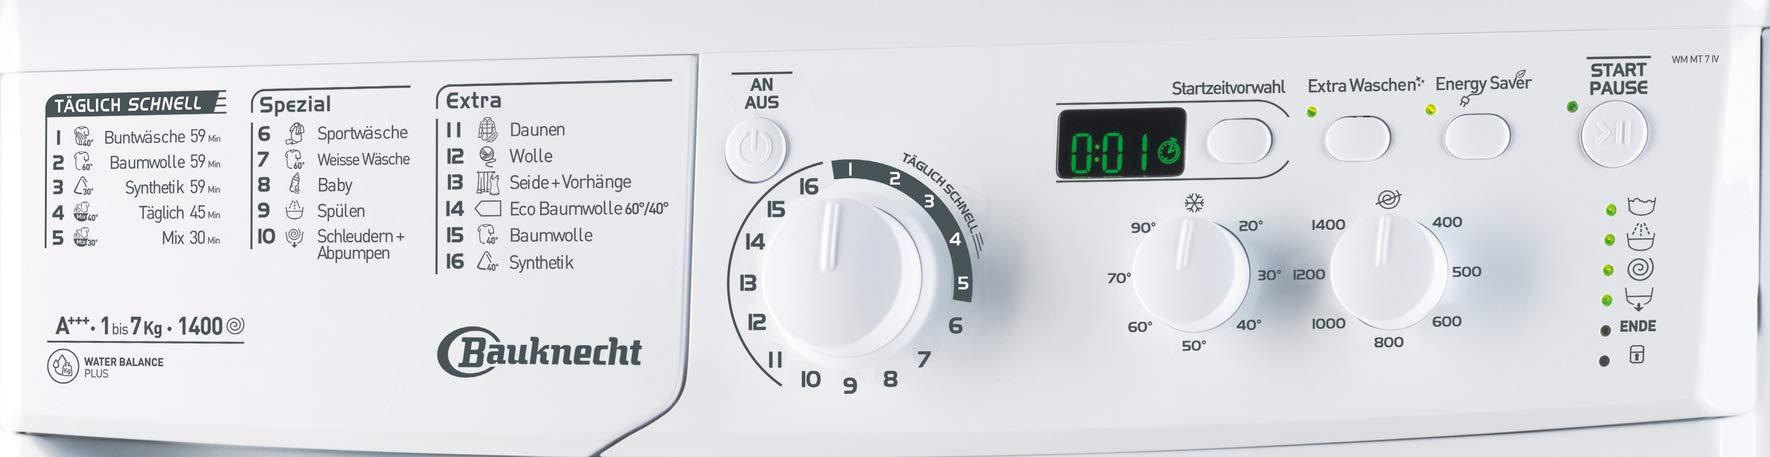 Bauknecht-WM-MT-7-IV-Waschmaschine-Frontlader-unterbaufhigA-7-kg-1400-UpMStartzeitvorwahlMengenautomatik